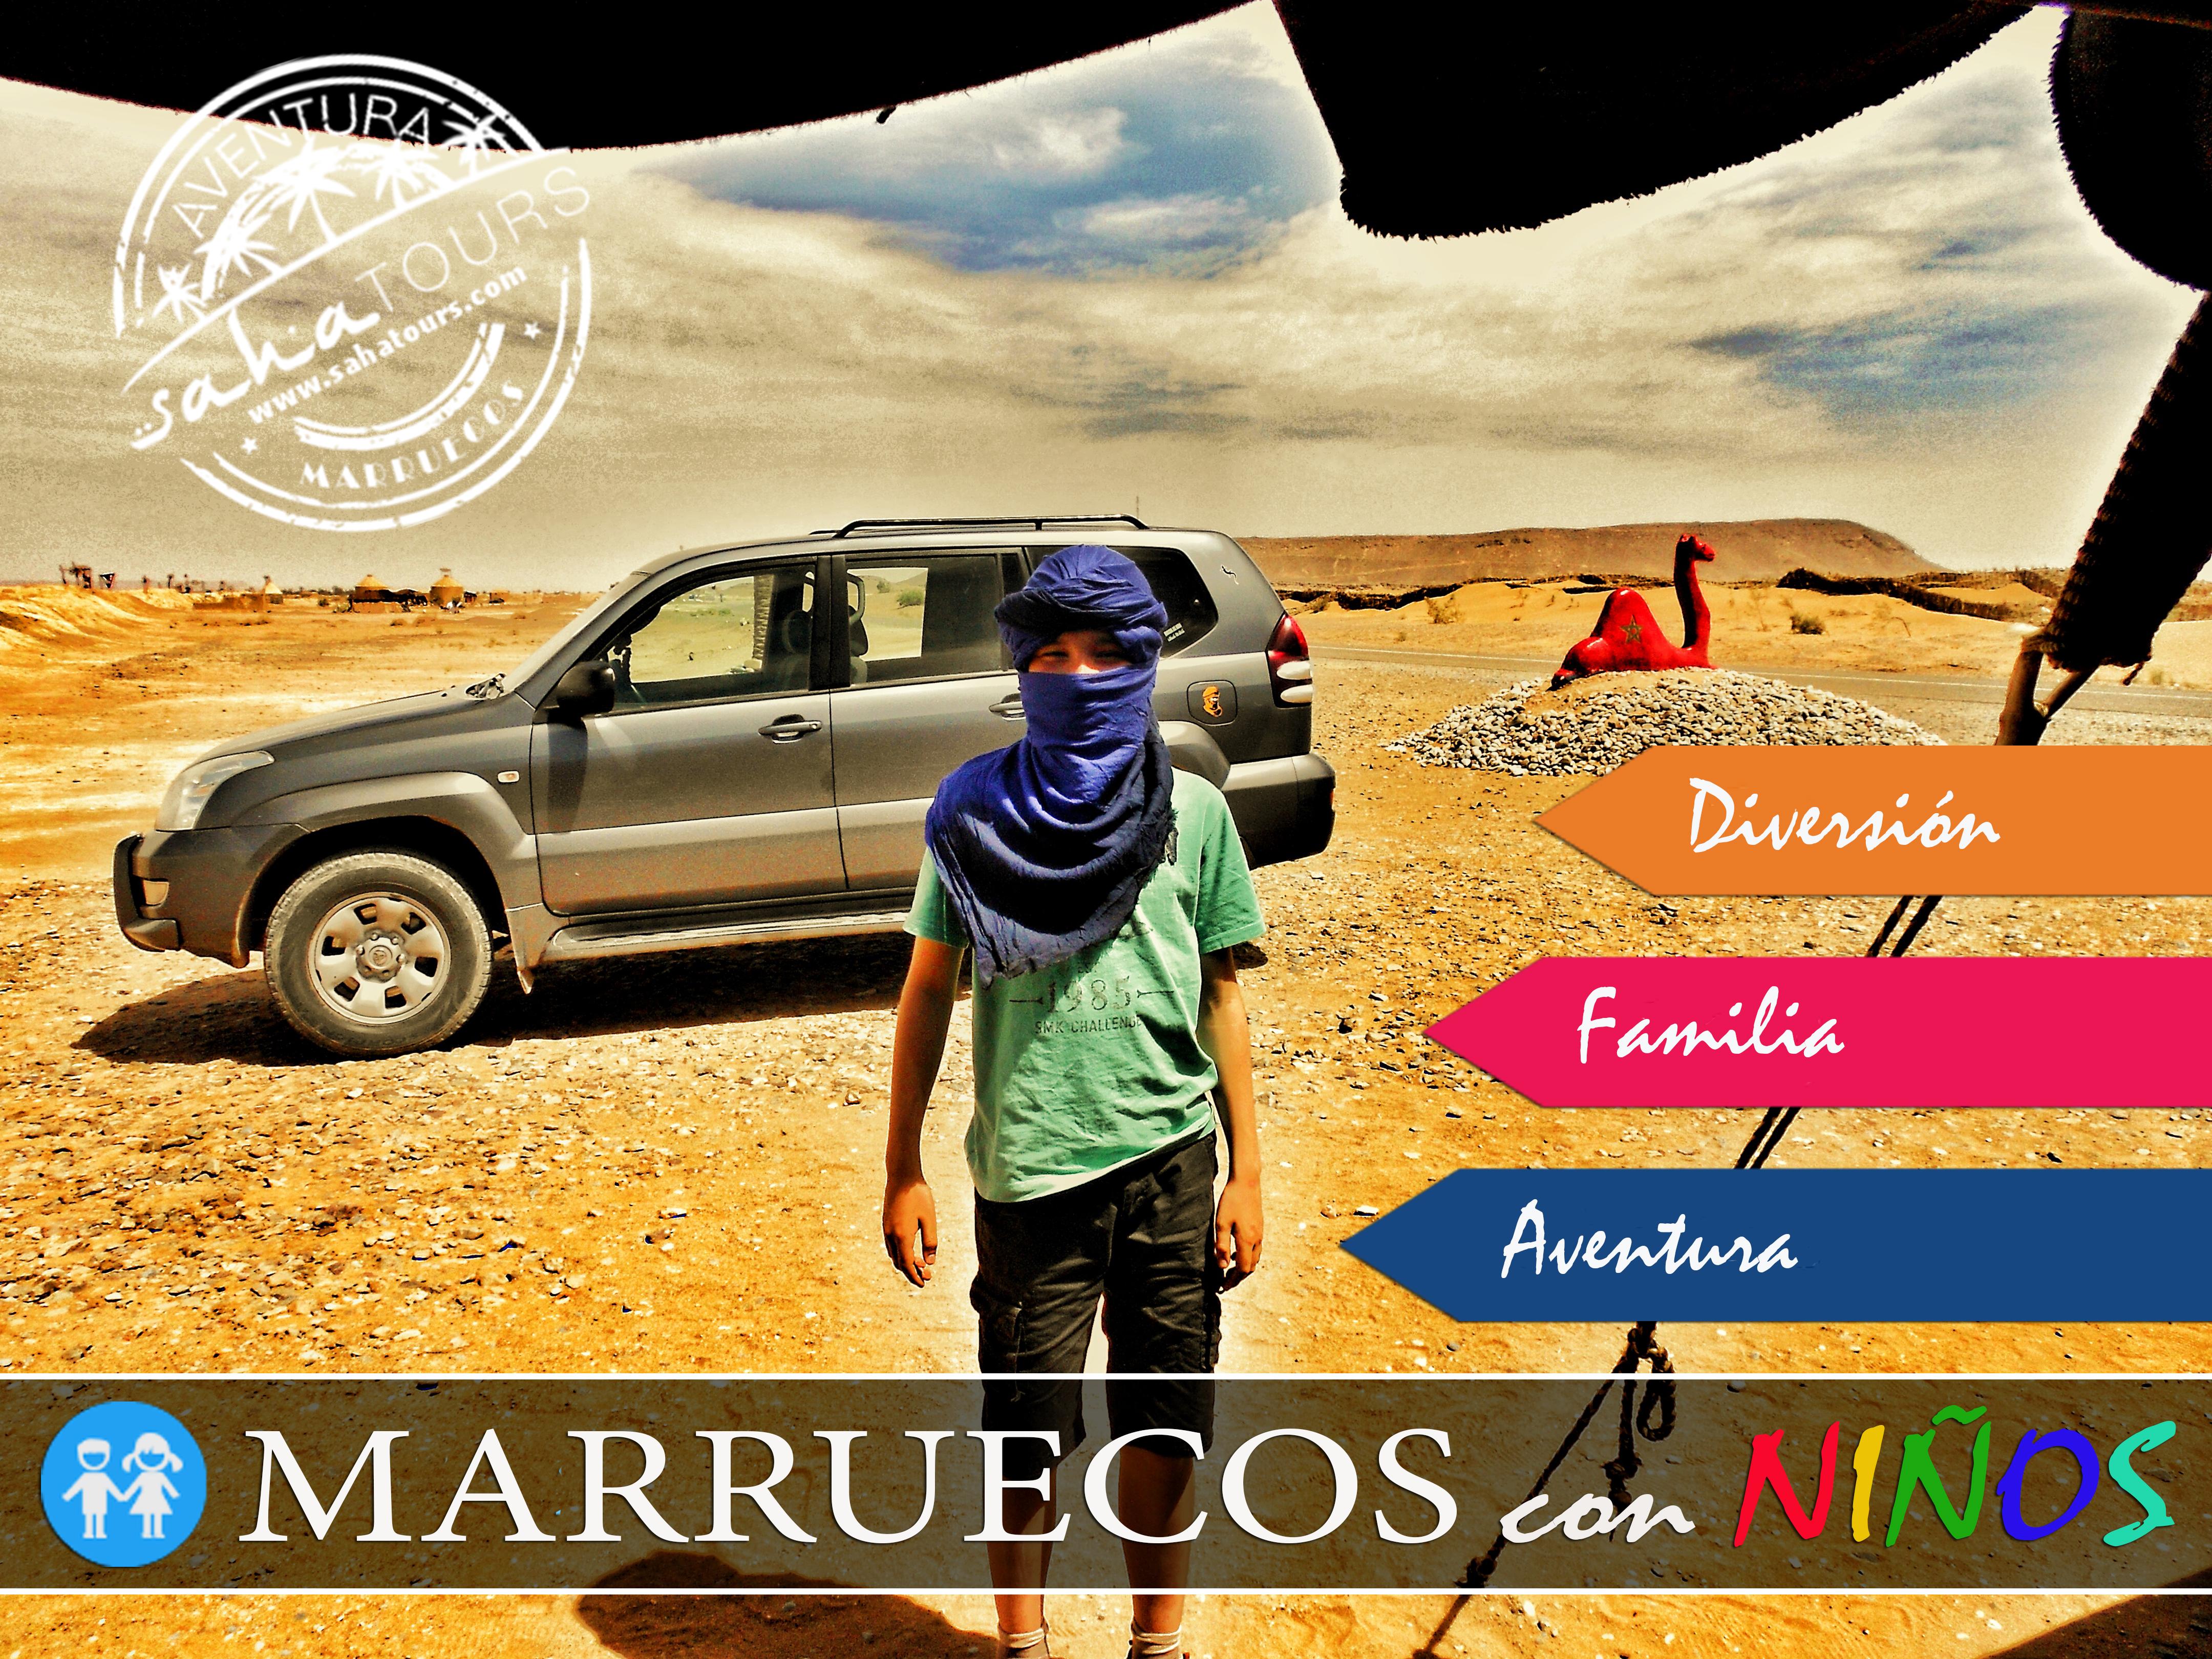 MARRUECOS CON NIÑOS. VACACIONES Y AVENTURA EN FAMILIA 1